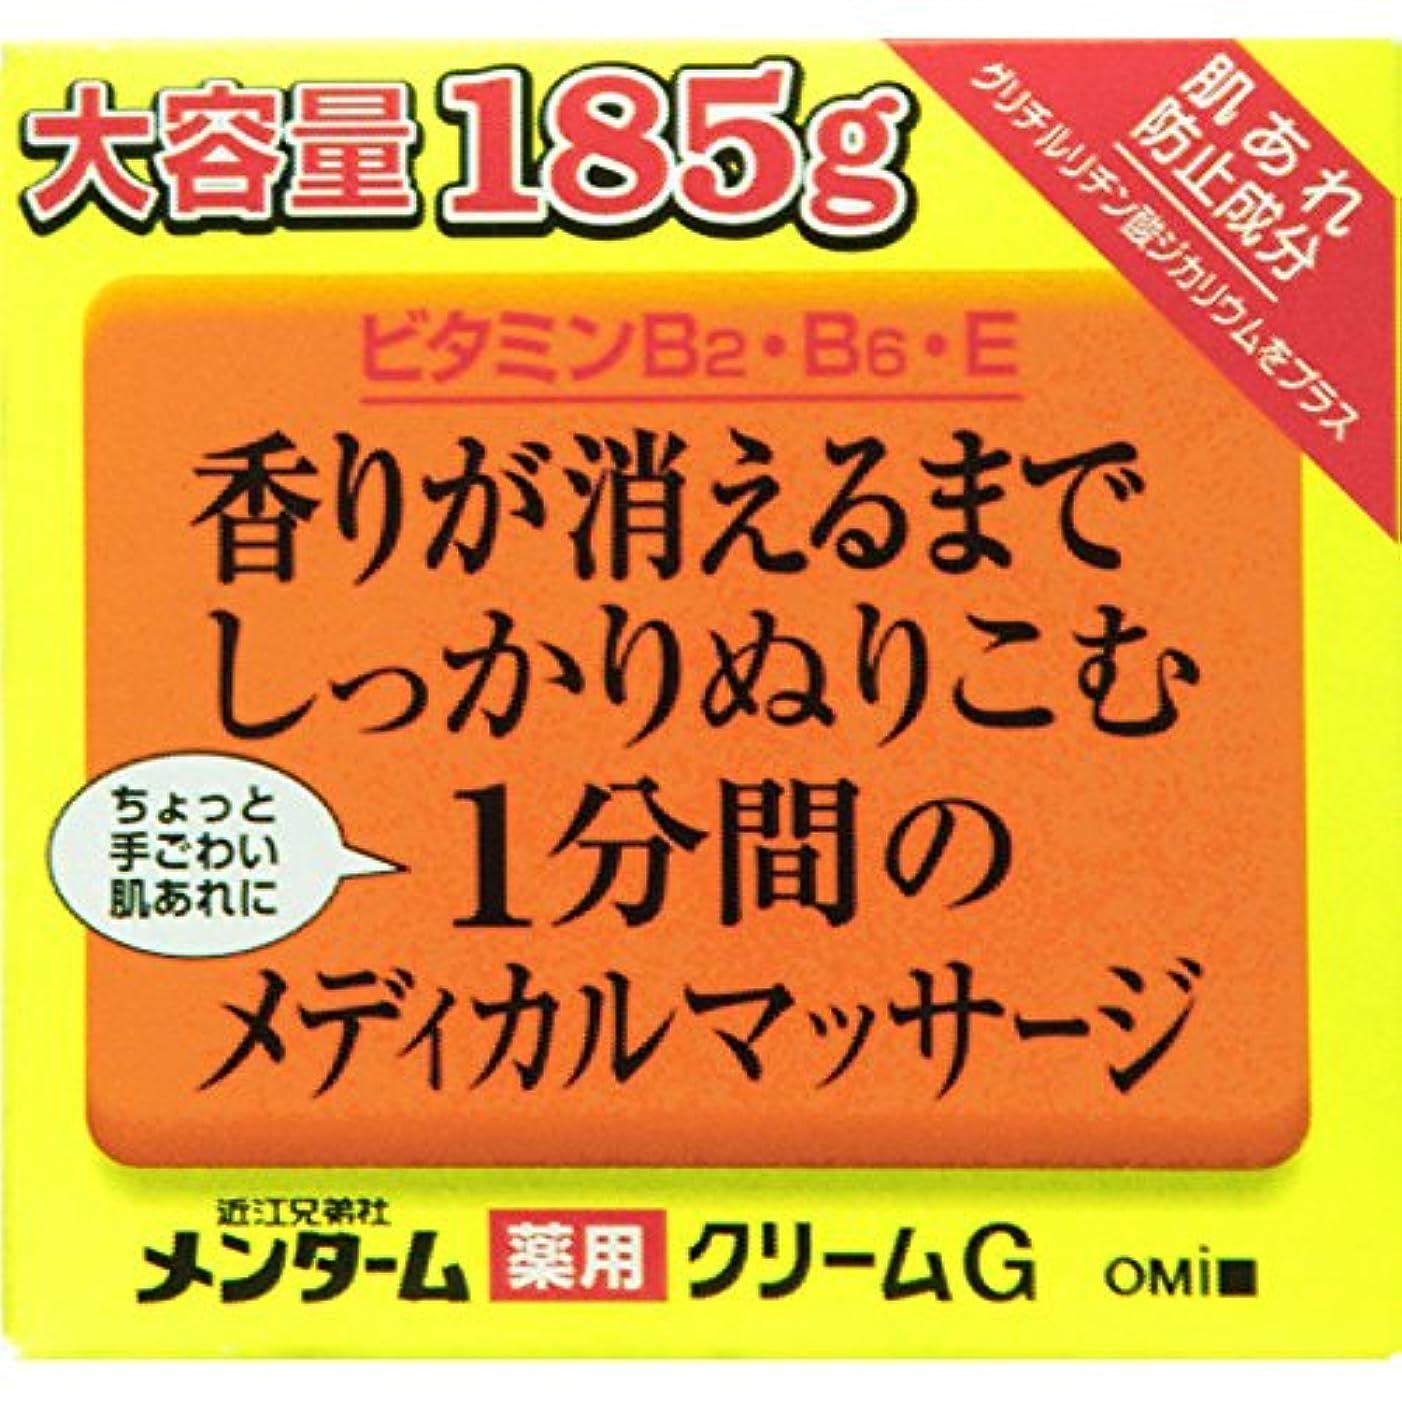 ルー保証金ジョブMKM メンタームメディカルクリーム 185g